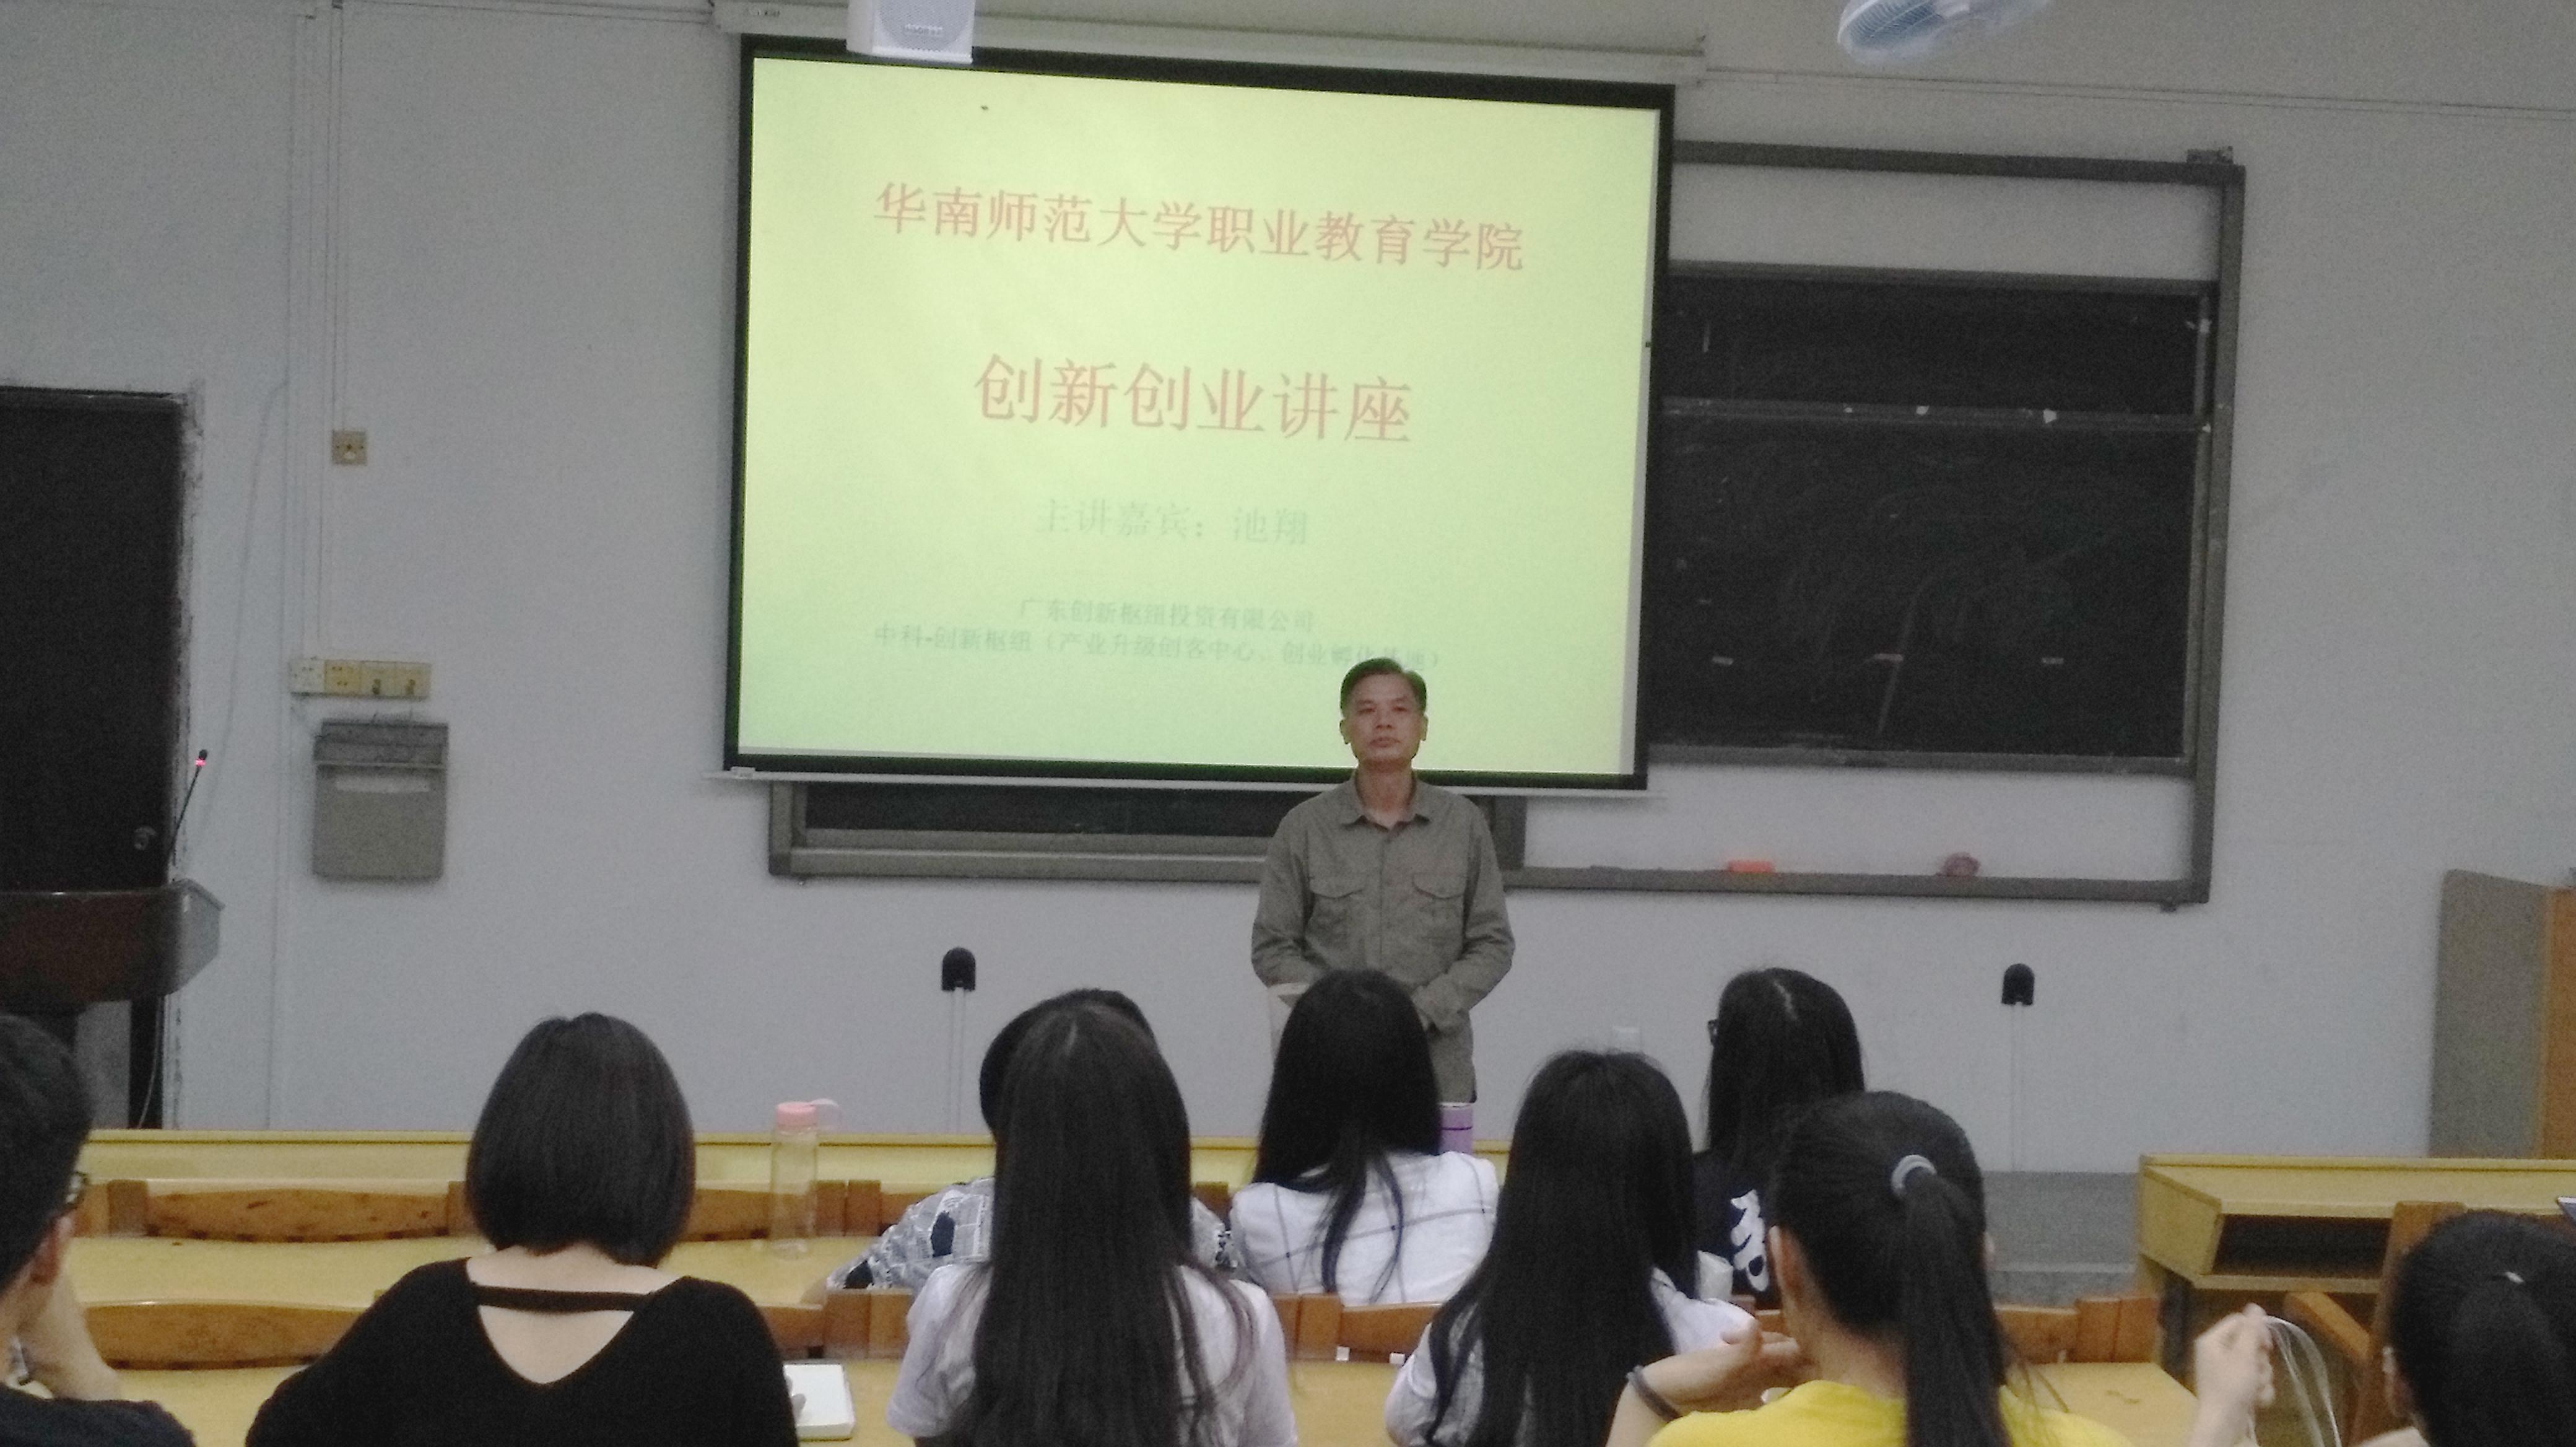 职业教育学院组织创新创业讲座